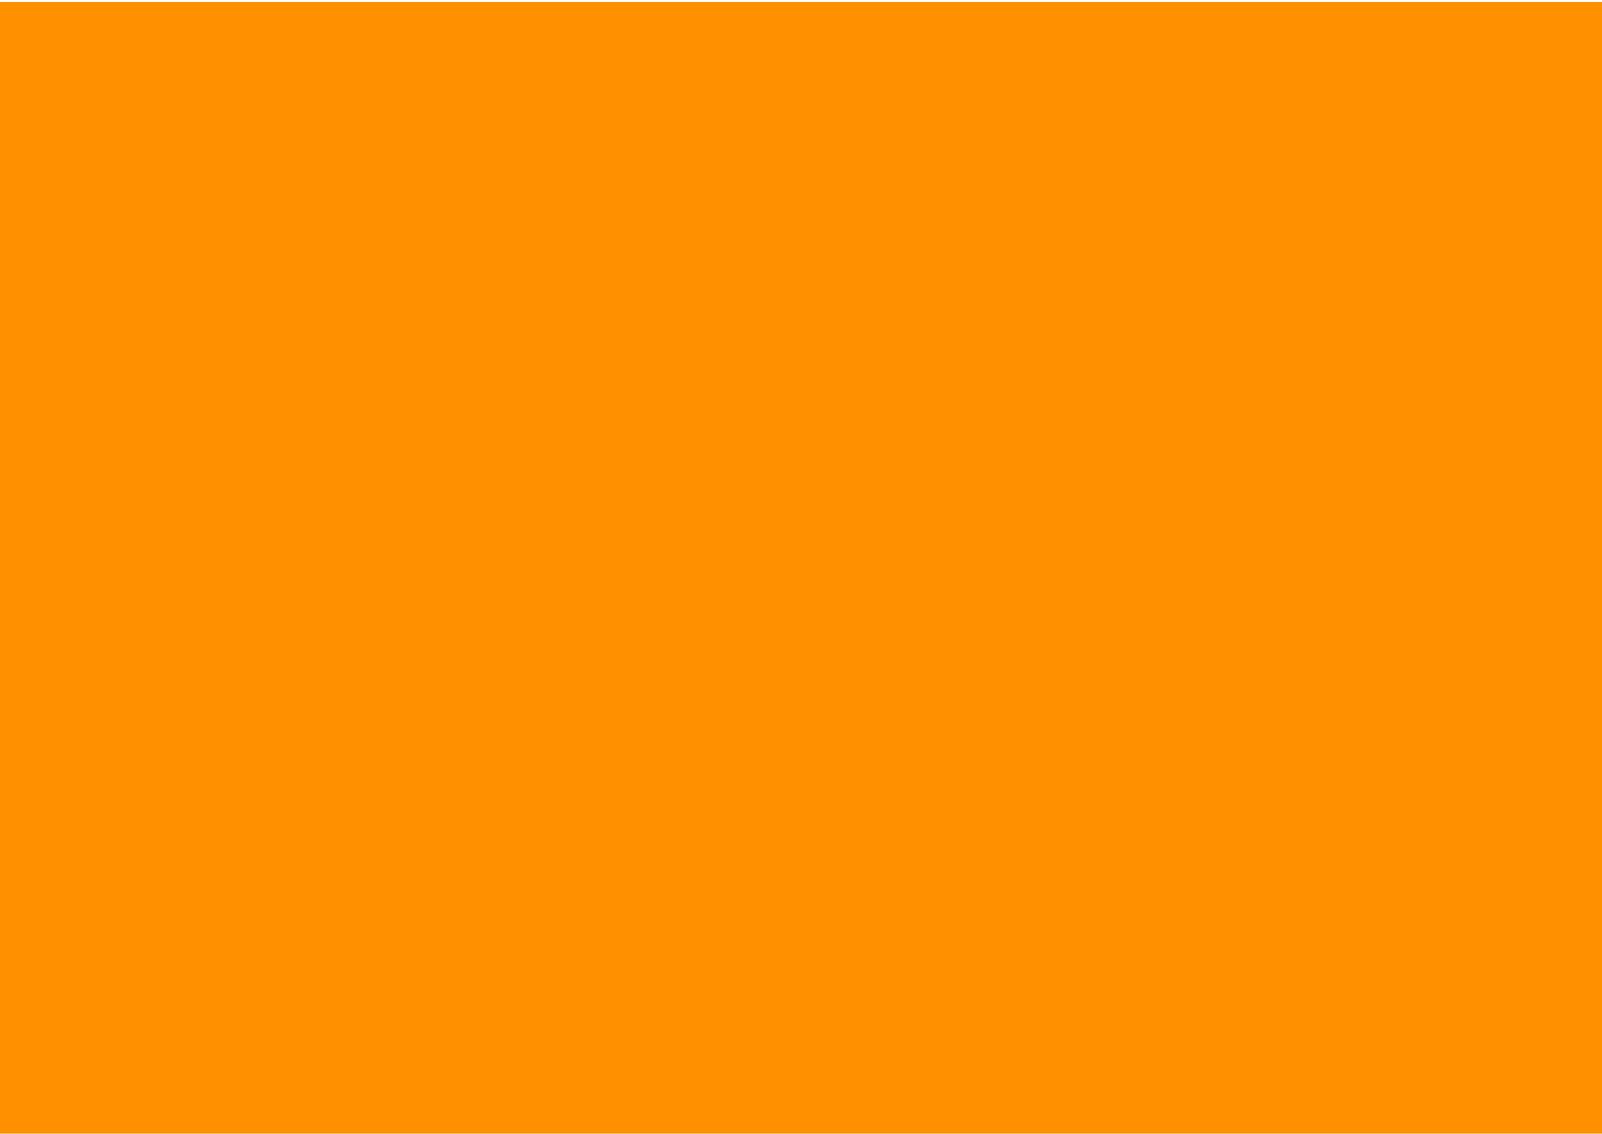 Afbeeldingsresultaat voor wifi png